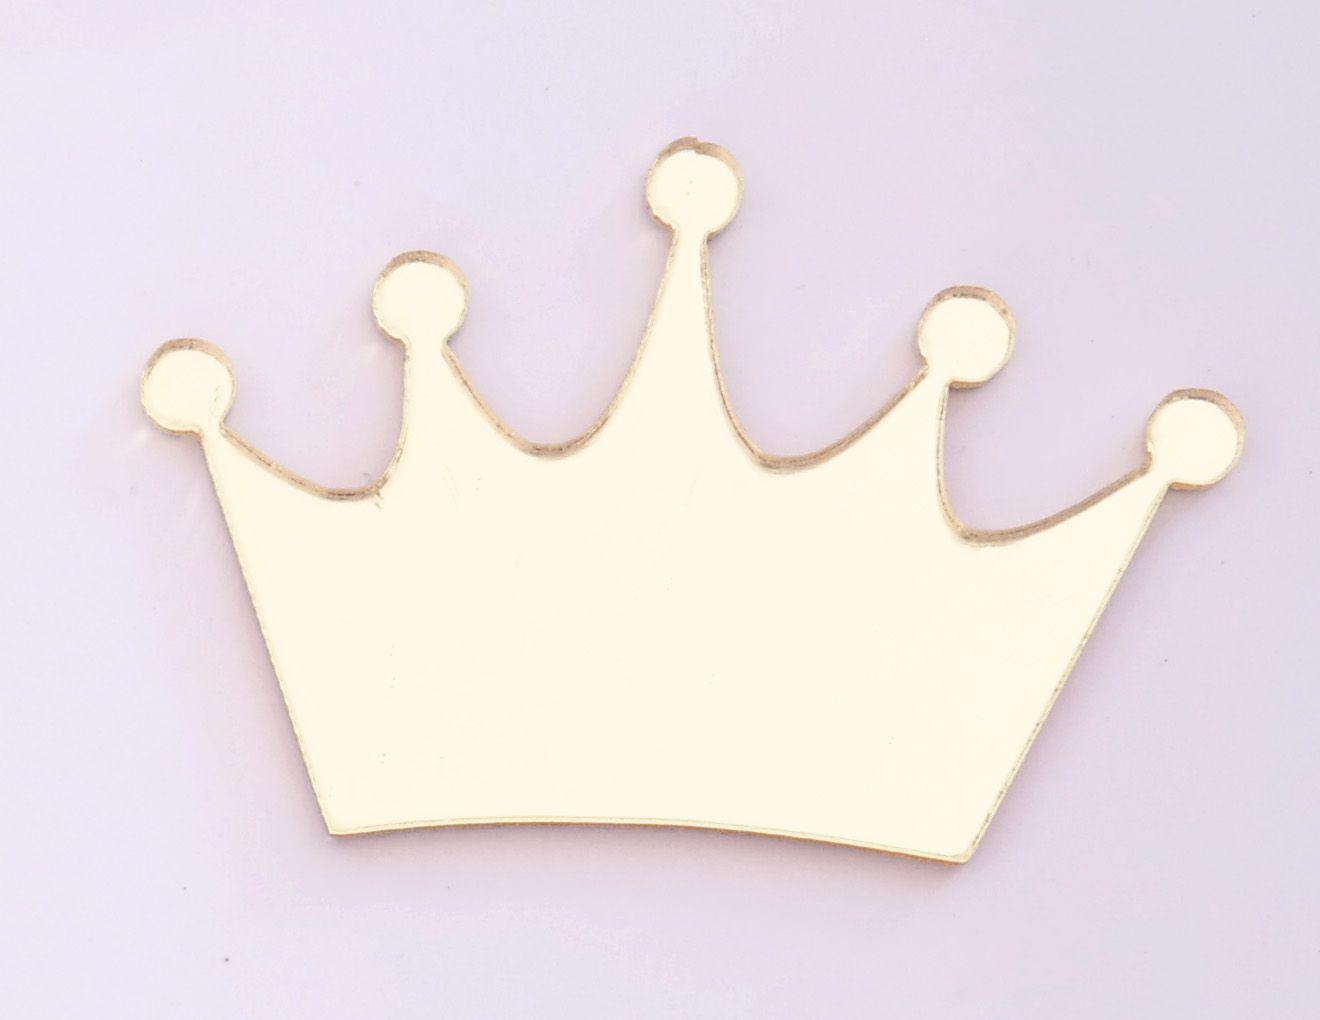 Aplique em acrílico espelhado - Coroa 02 - 5cm - 10 peças